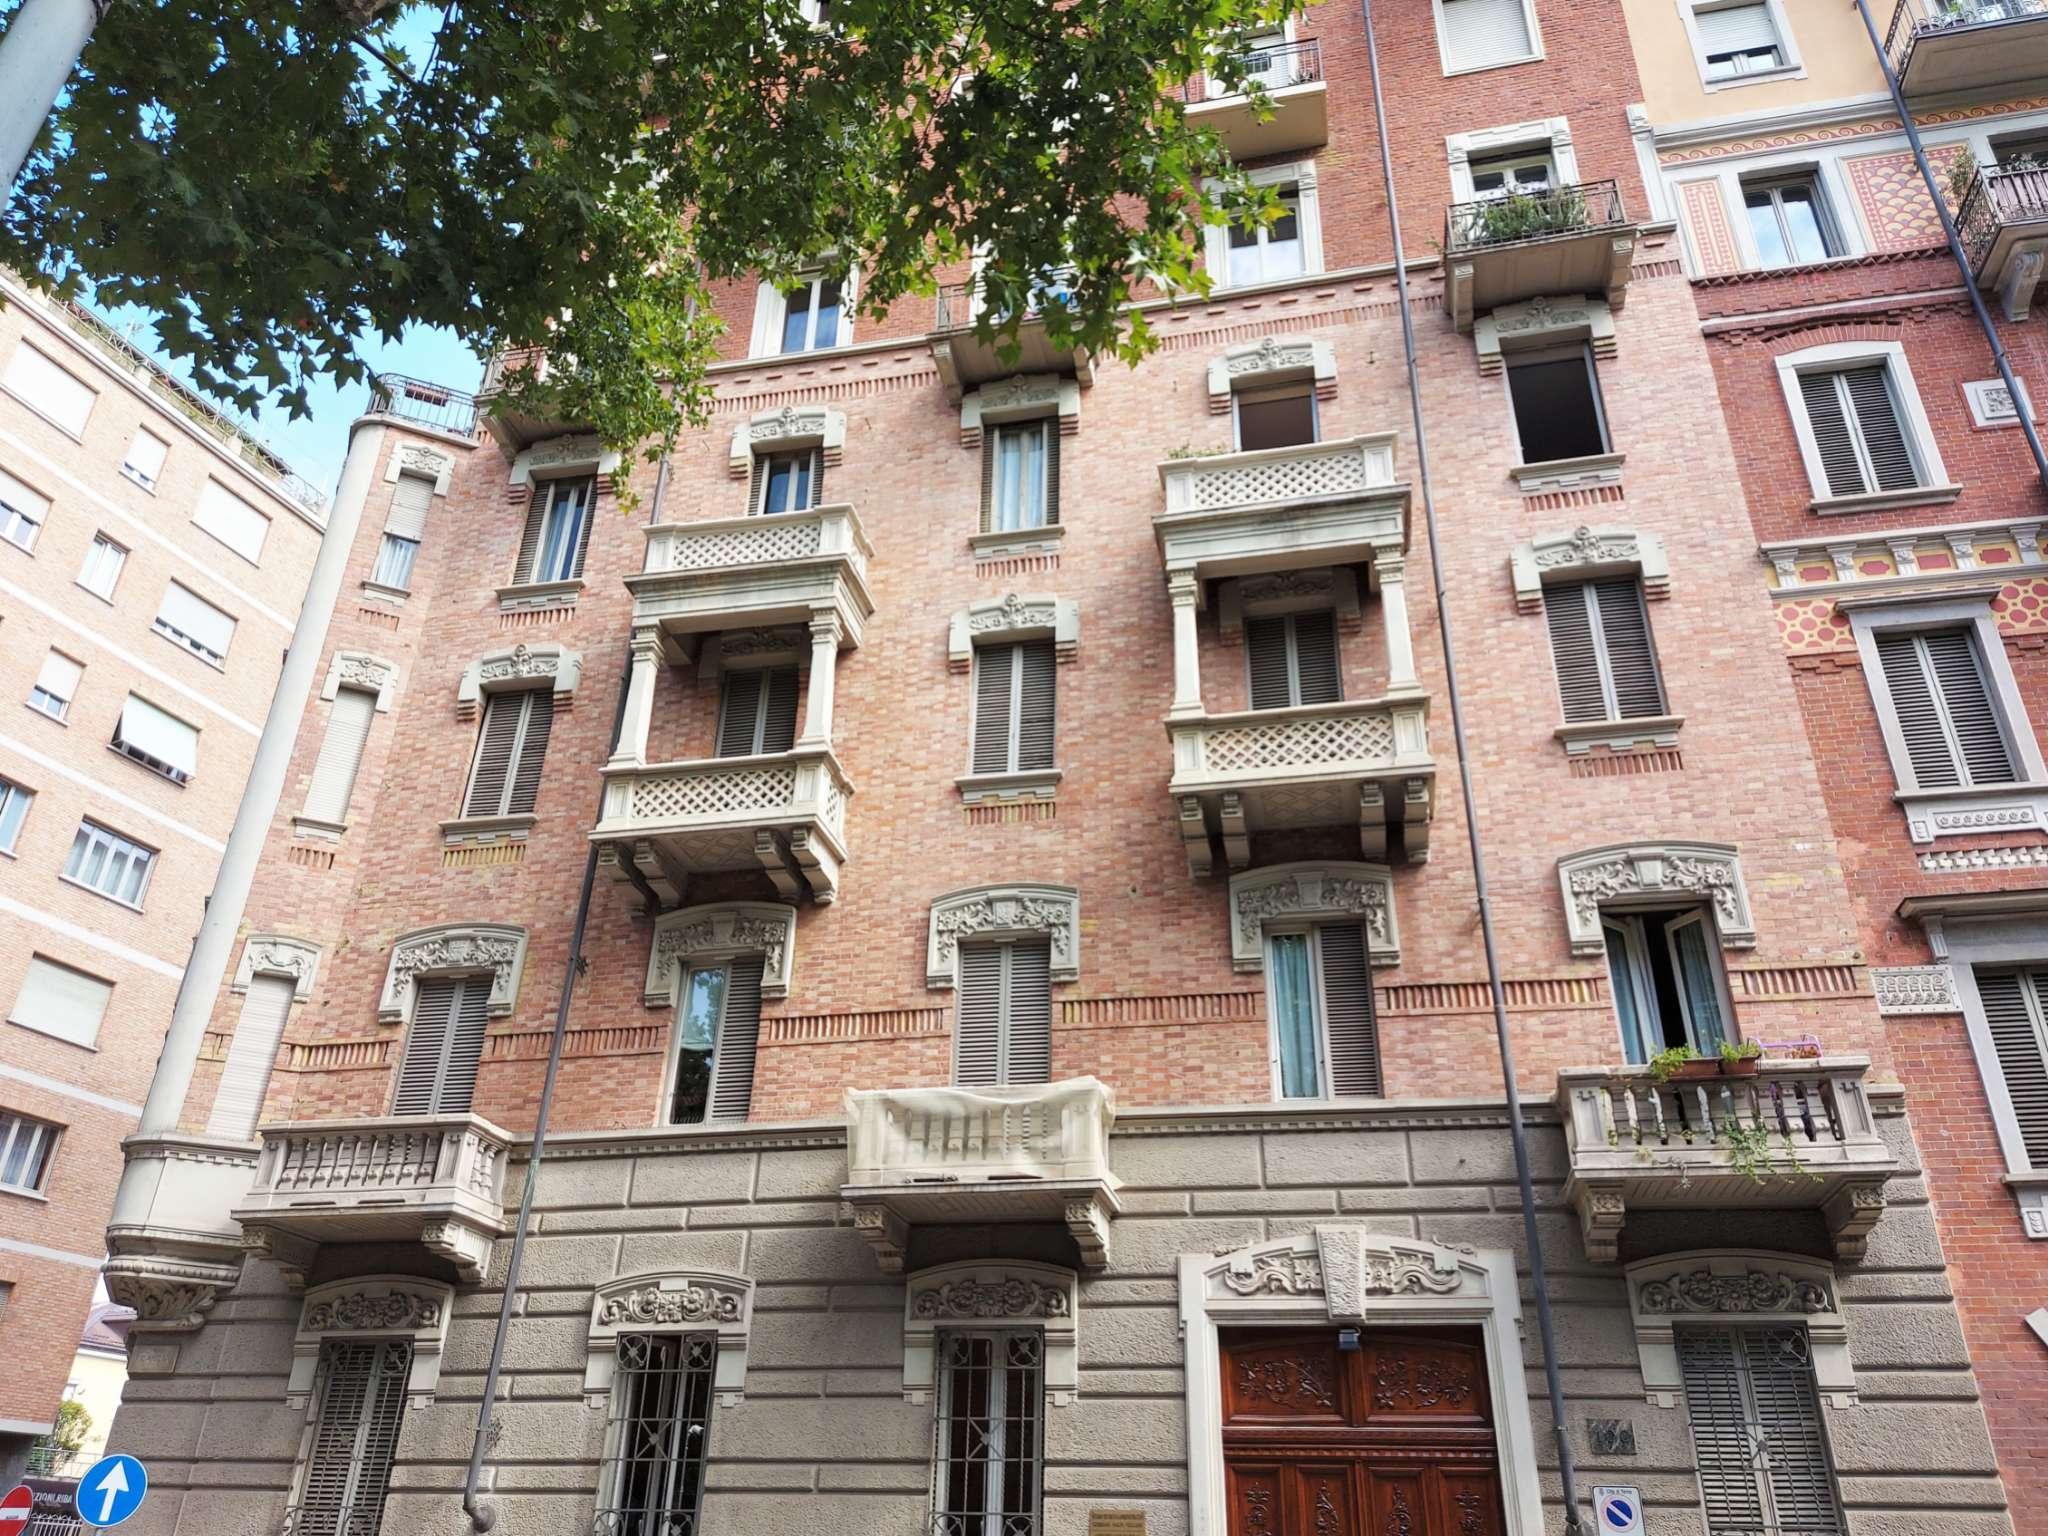 Appartamento in affitto a Torino, 5 locali, zona San Donato, Cit Turin, Campidoglio,, prezzo € 800 | PortaleAgenzieImmobiliari.it